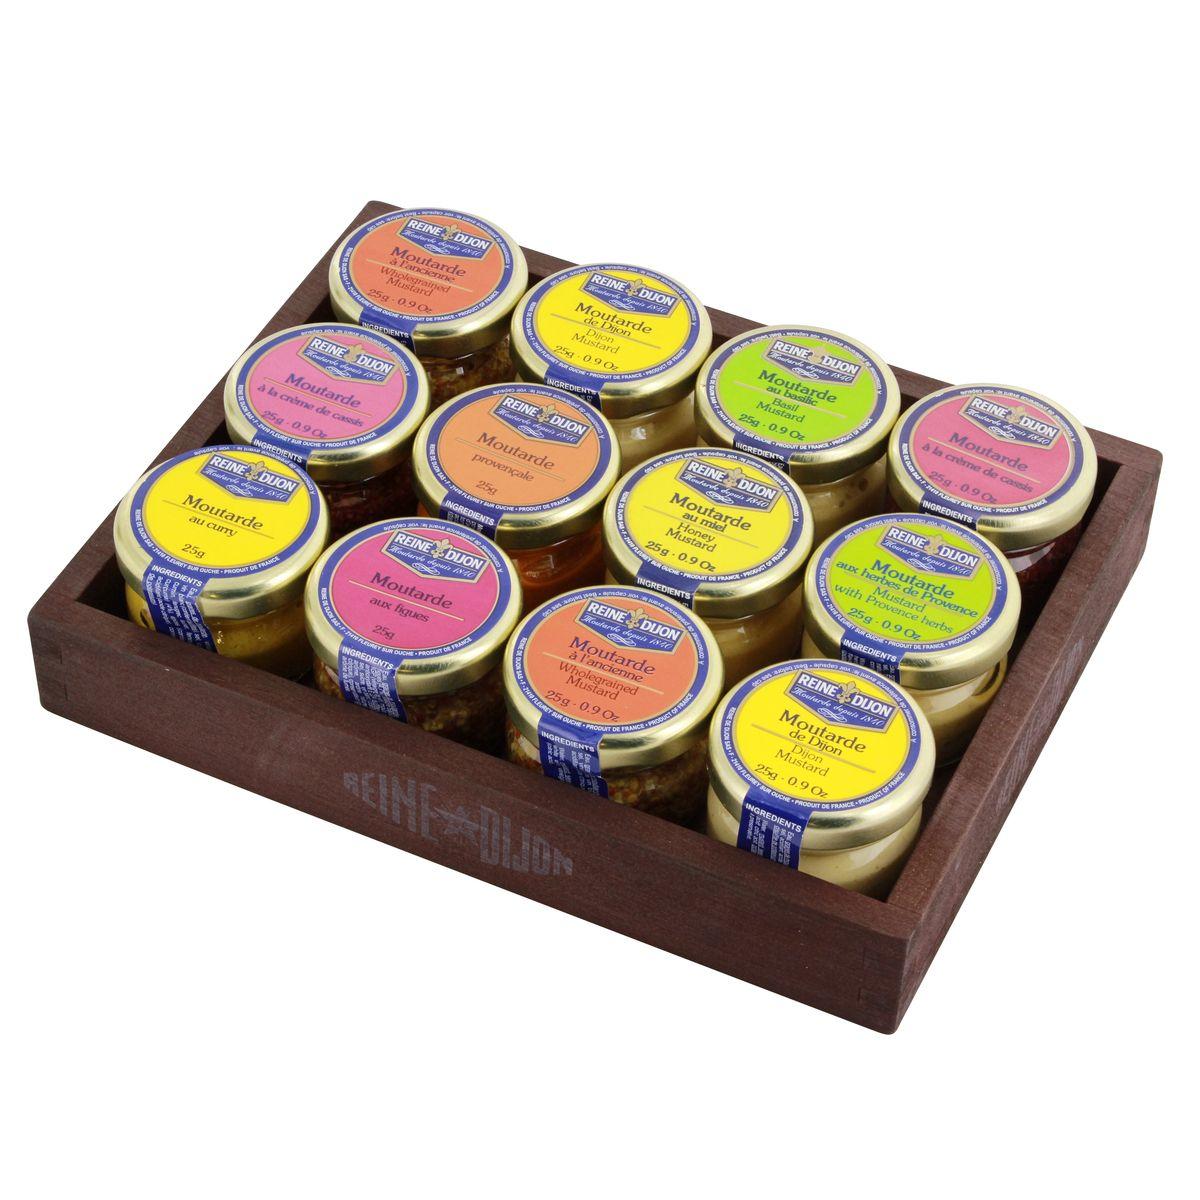 Coffret bois 12 moutardes 25g - Reine de Dijon